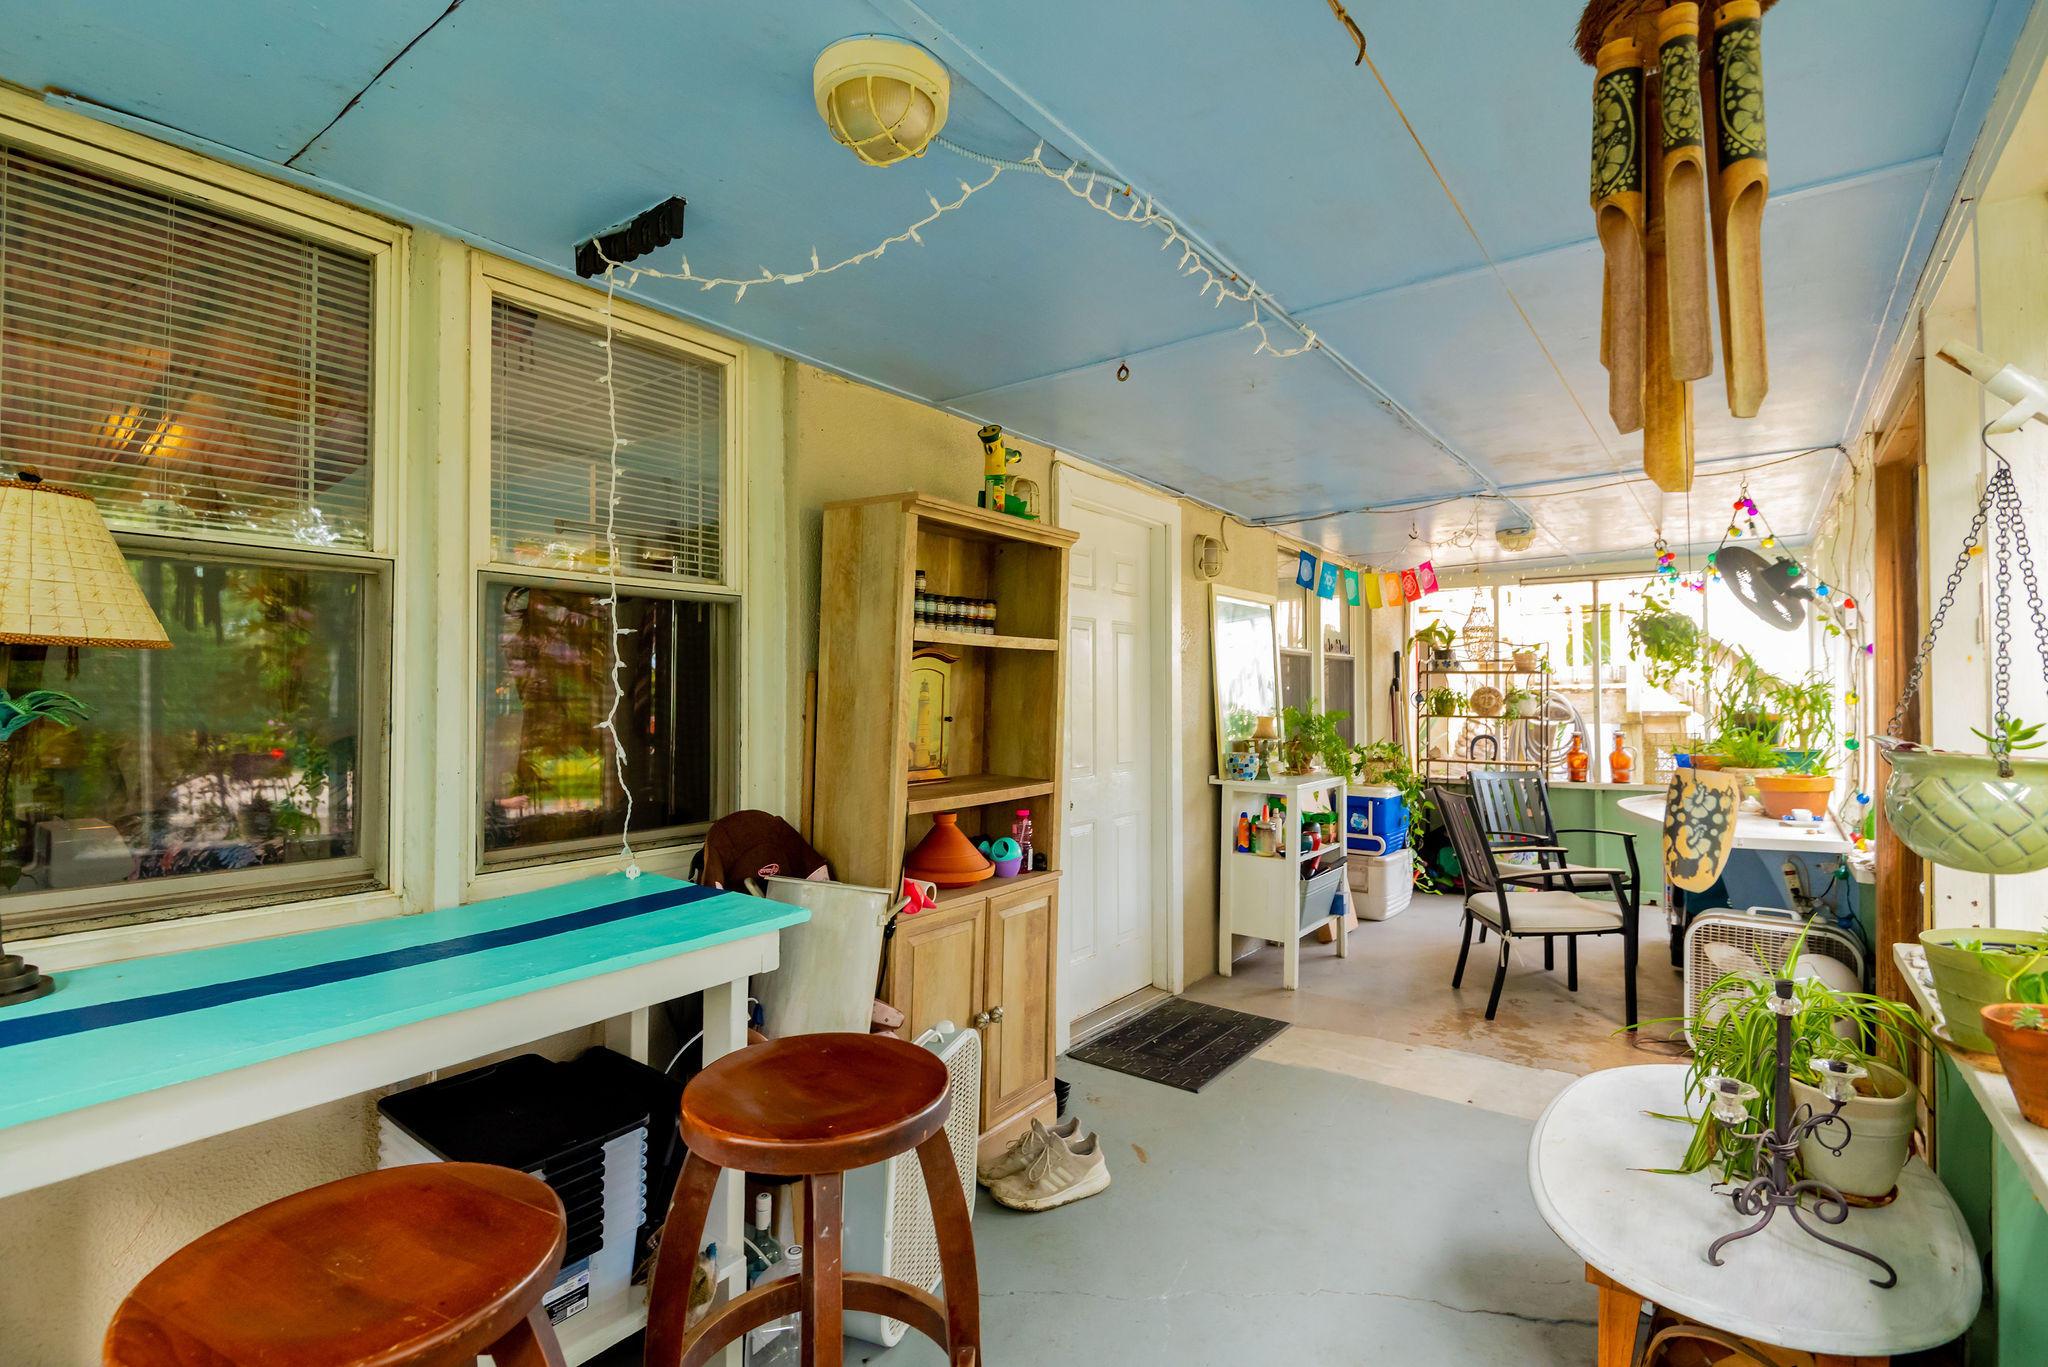 Folly Beach Homes For Sale - 504 Ashley, Folly Beach, SC - 38